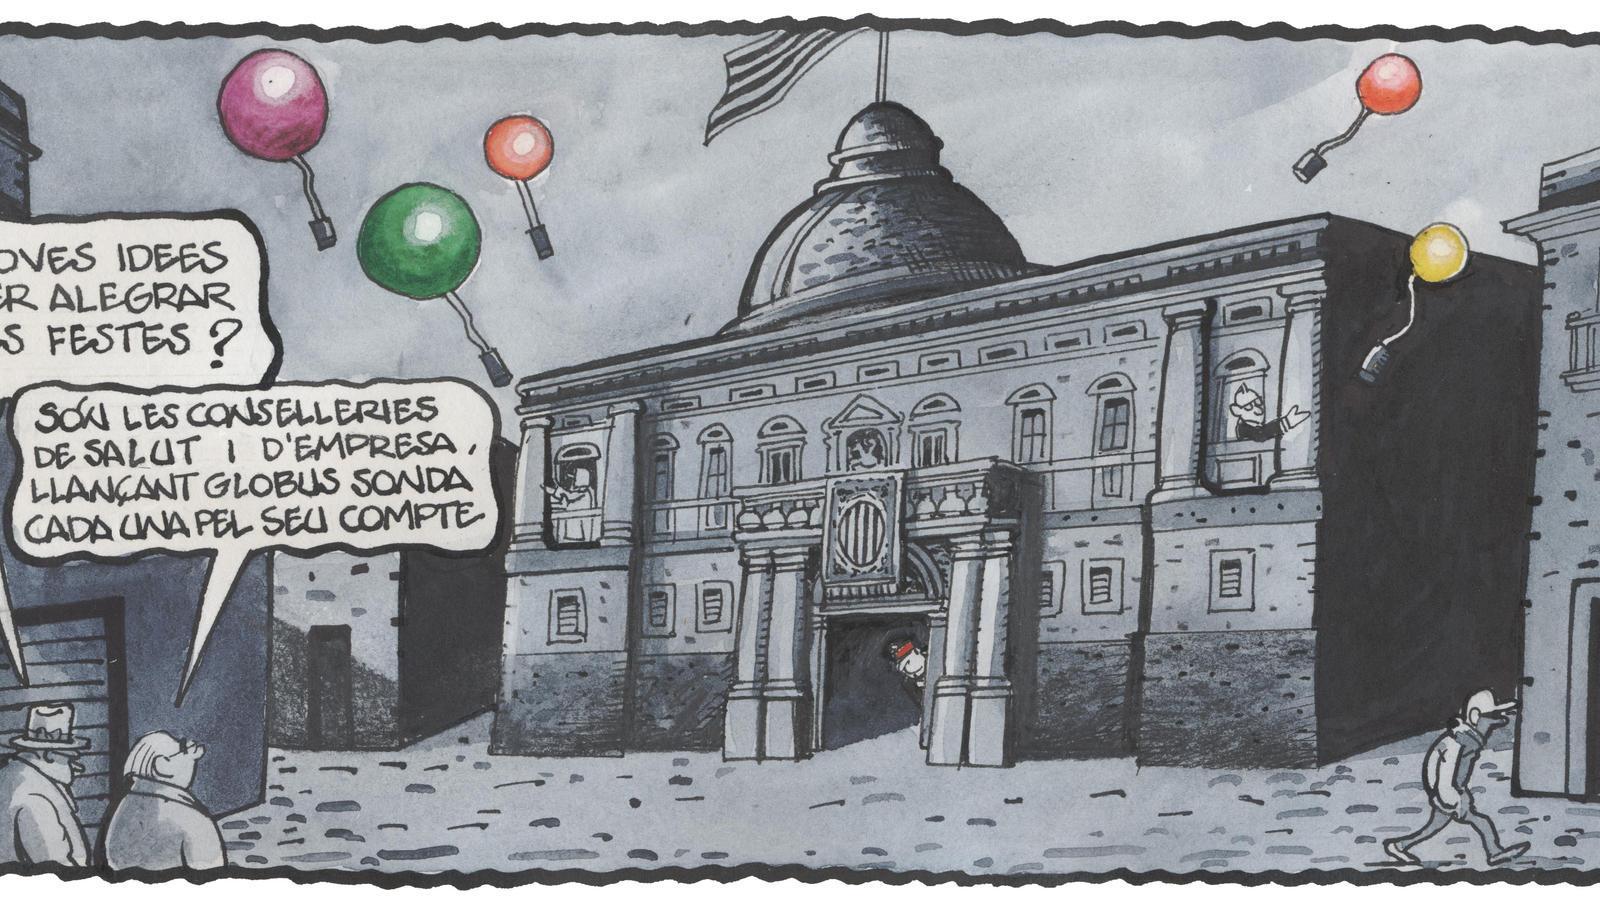 'A la contra', per Ferreres 20/11/2020